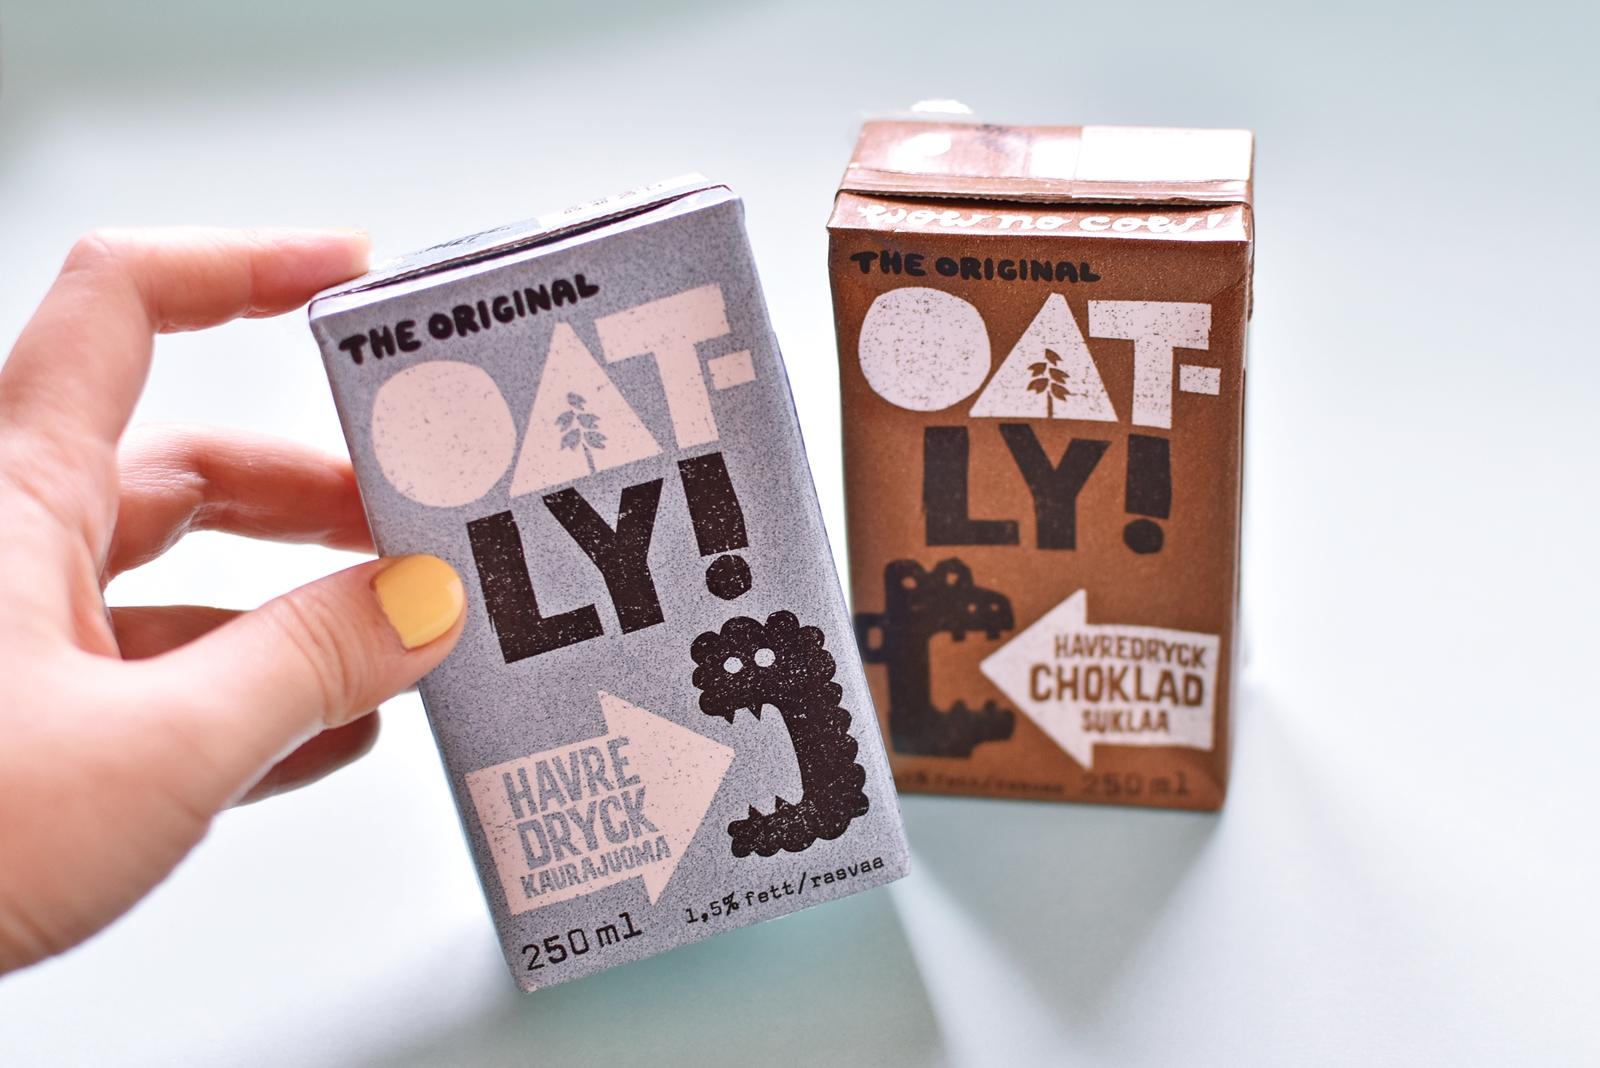 《早餐女皇之日常》: [香港素食] 純素飲品選擇多!認識你的植物奶和在哪裡買得到